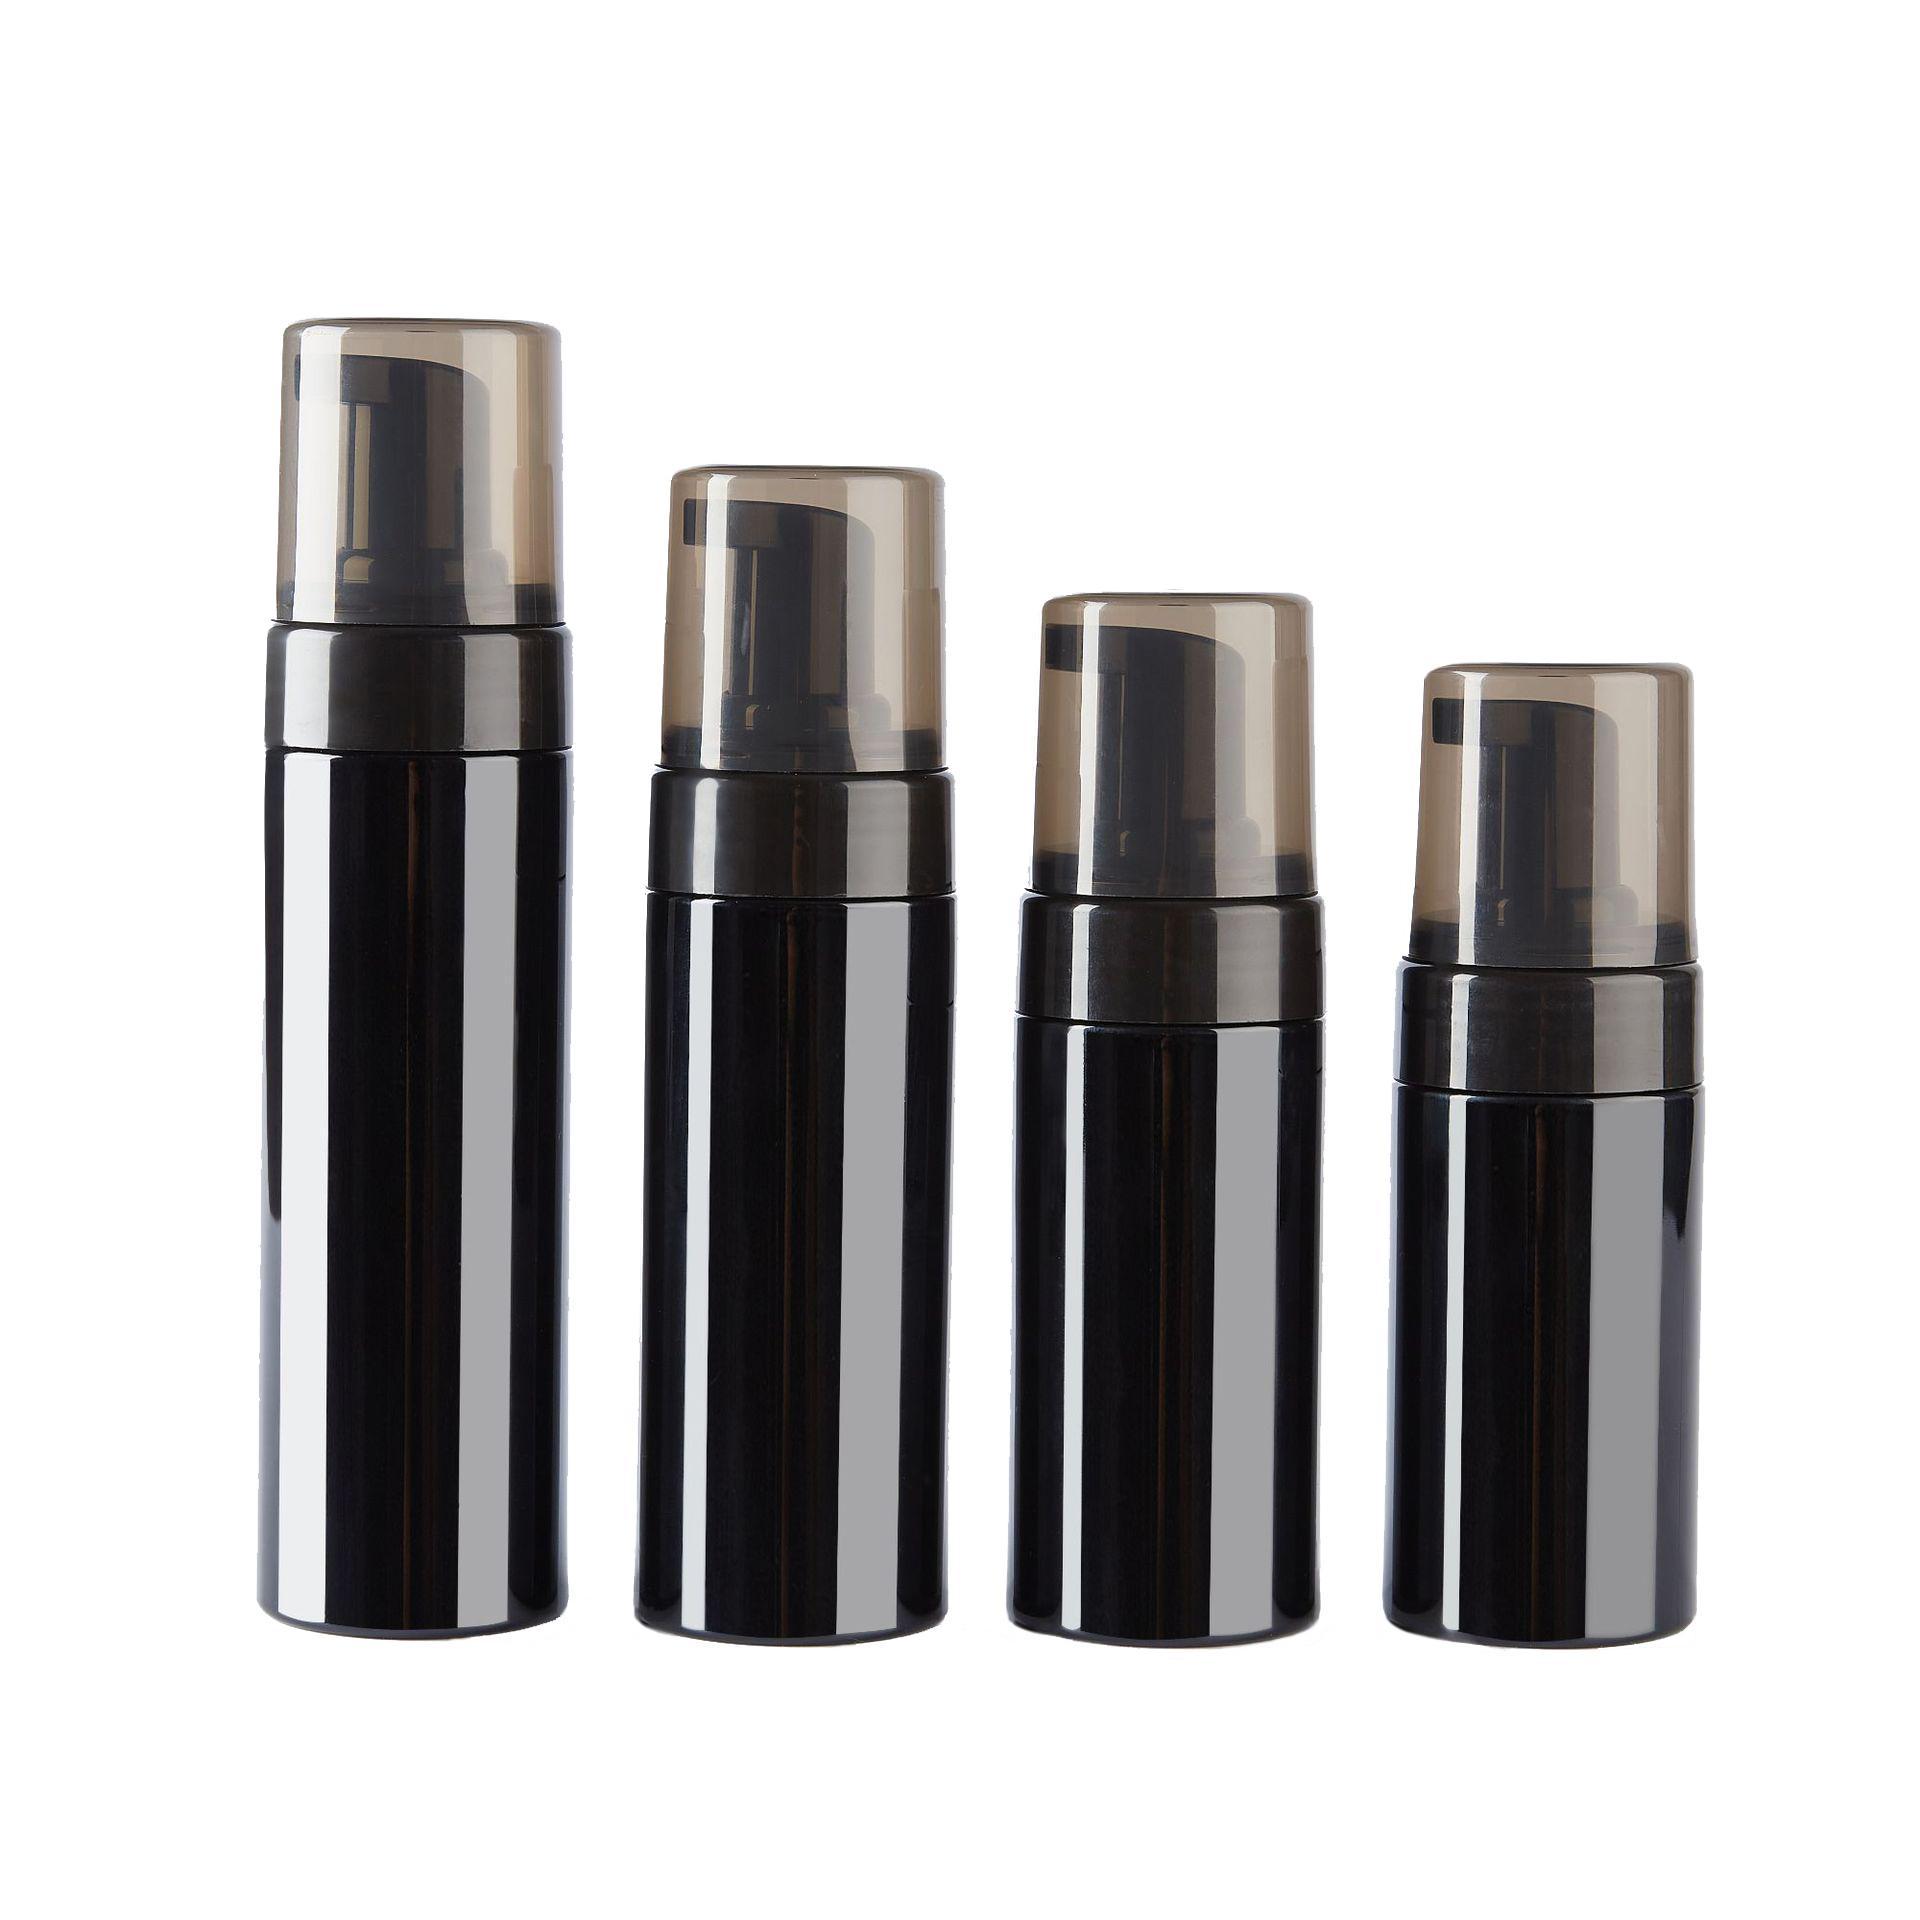 Bouteilles de pompe en mousse en plastique noire 100 ml 120 ml 150ml 200 ml 200 ml BPA gratuit avec couvercle transparent-noir pour la mousse de savon moussant